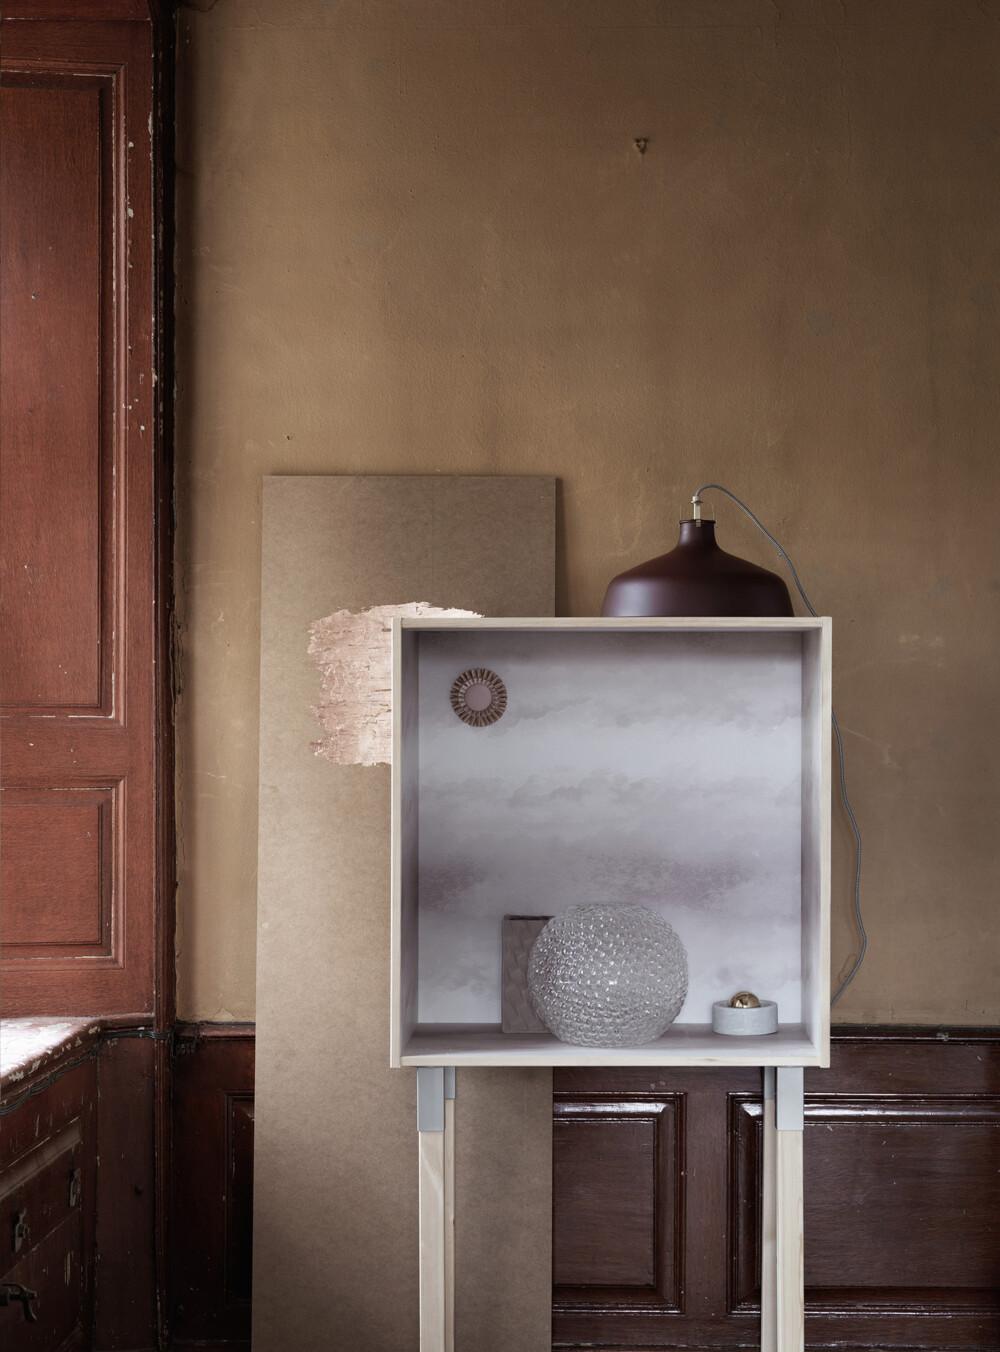 Petrabindel interiors 185f3a24 w1440